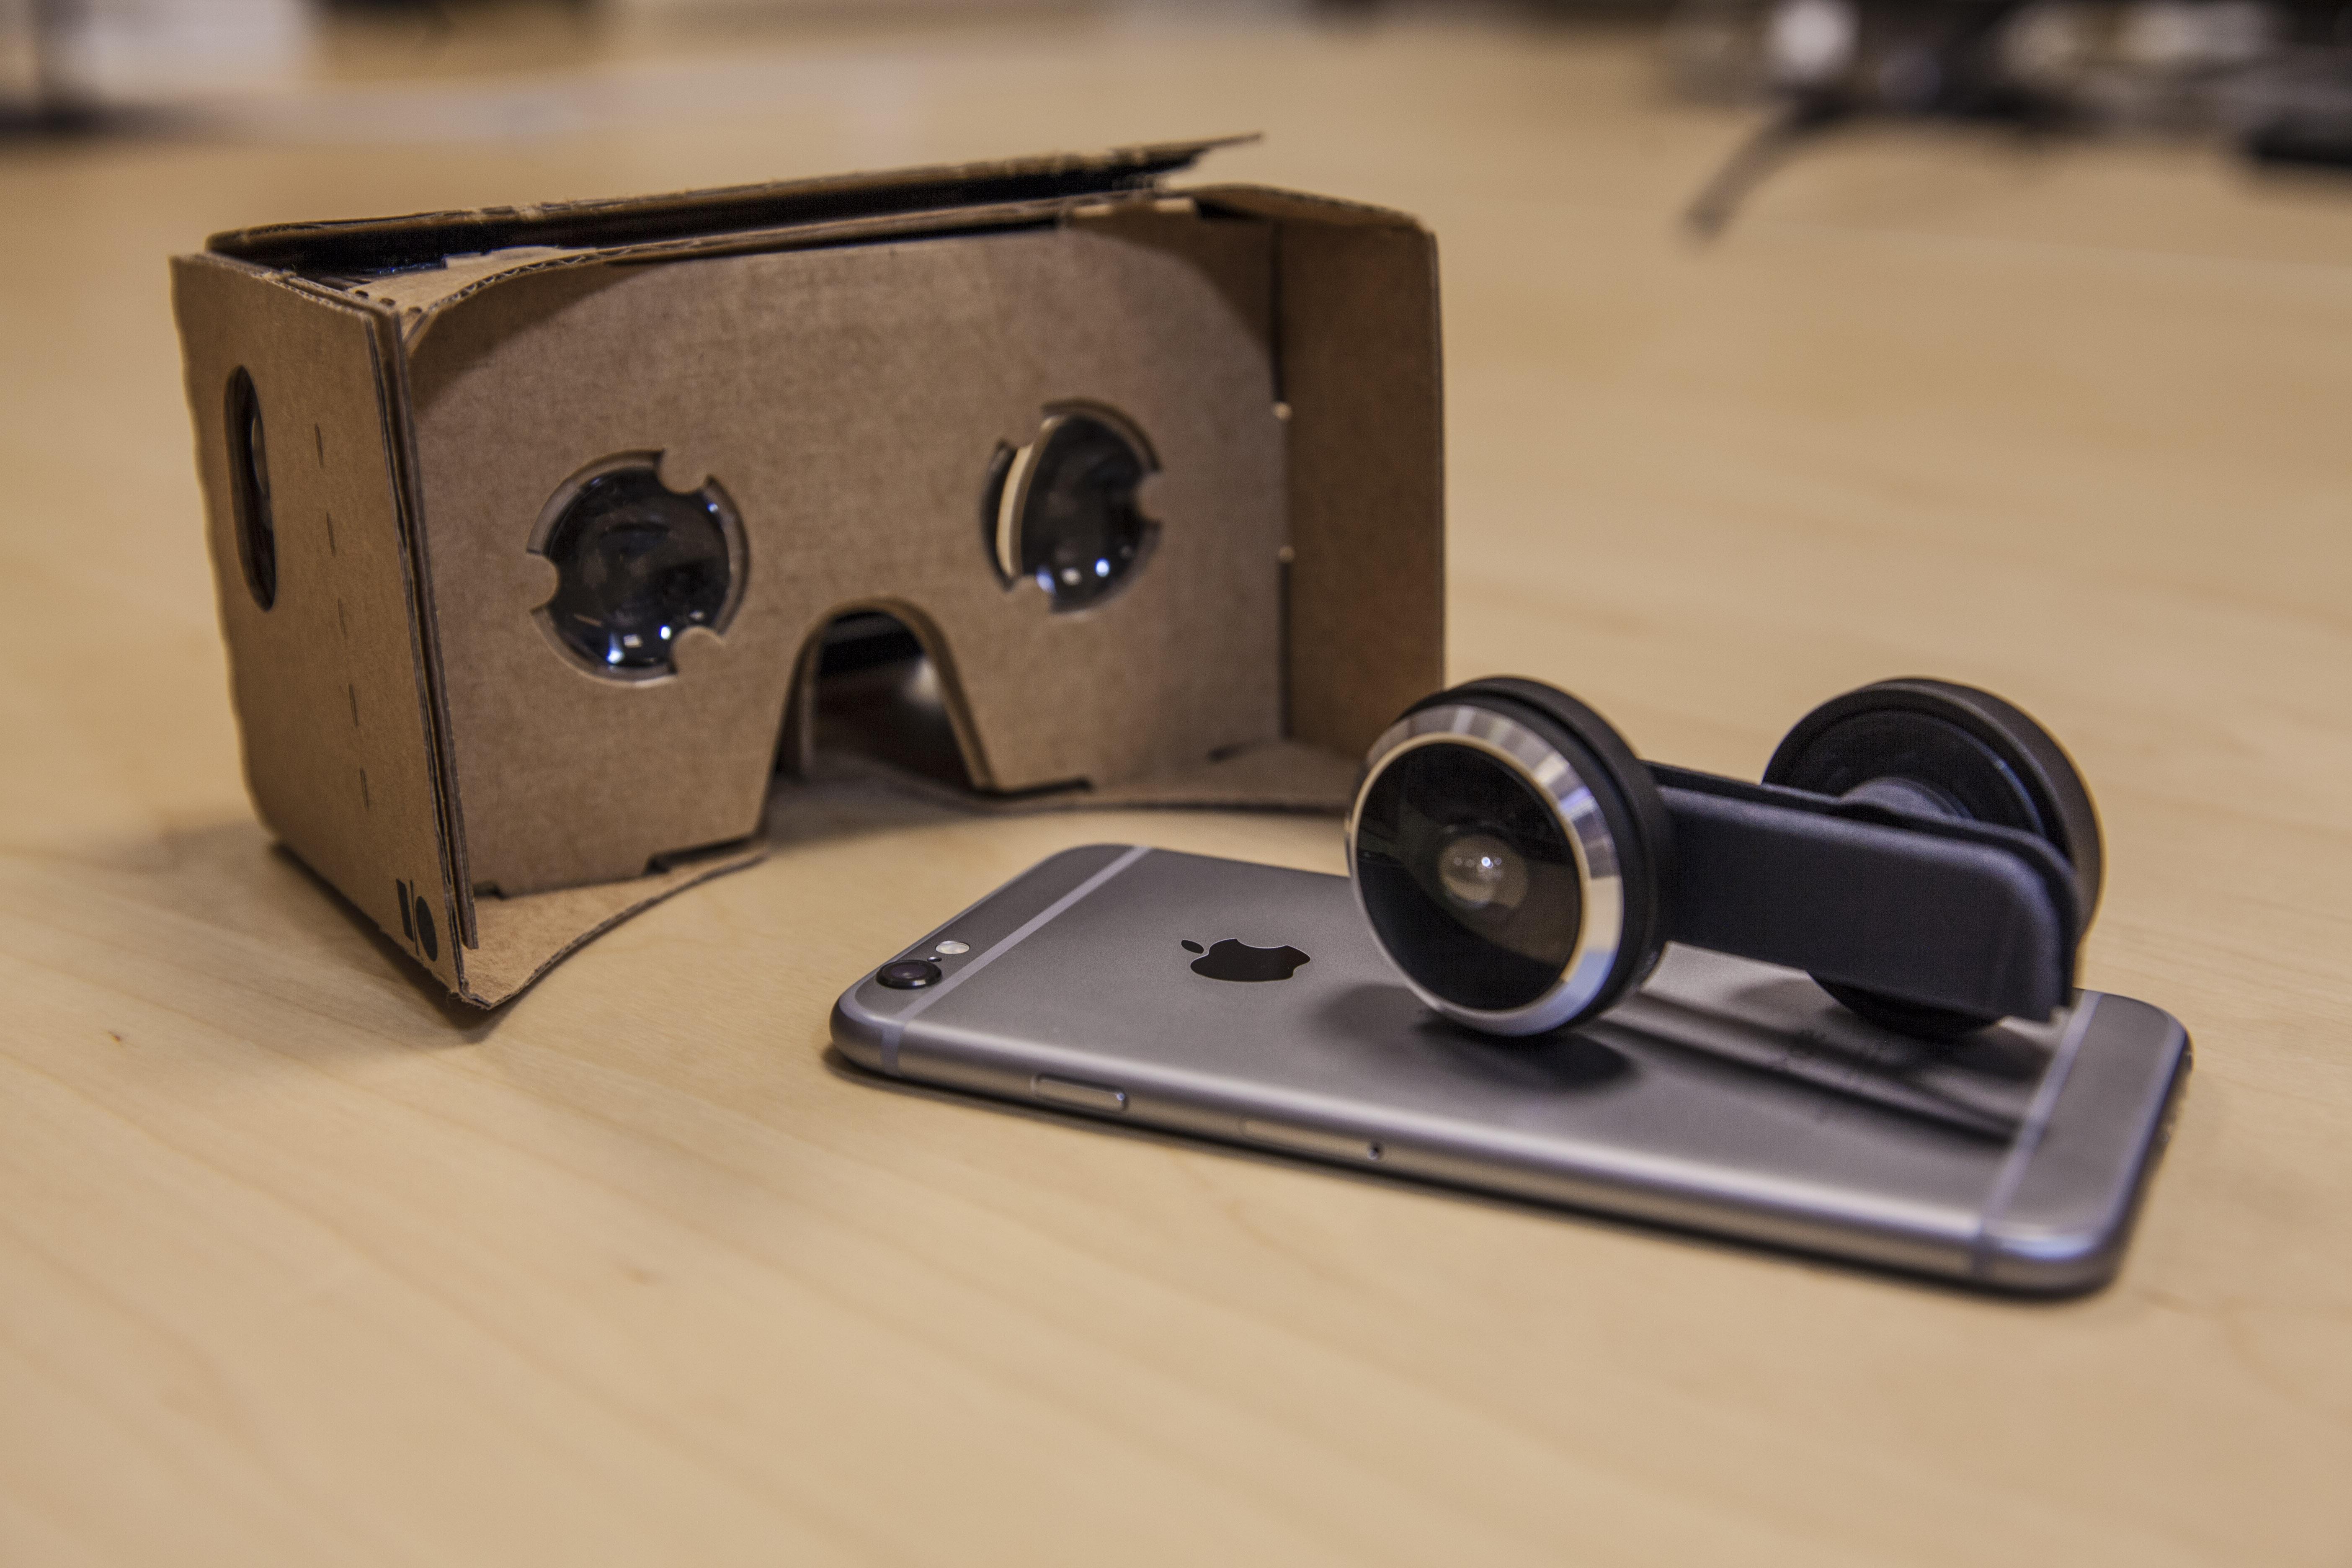 Kamera-Aufsatz: Shot macht aus iPhones 360-Grad-Kameras - Der Shot-Adapter zusammen mit einem iPhone und einem Cardboard-Betrachter (Bild: Shot)